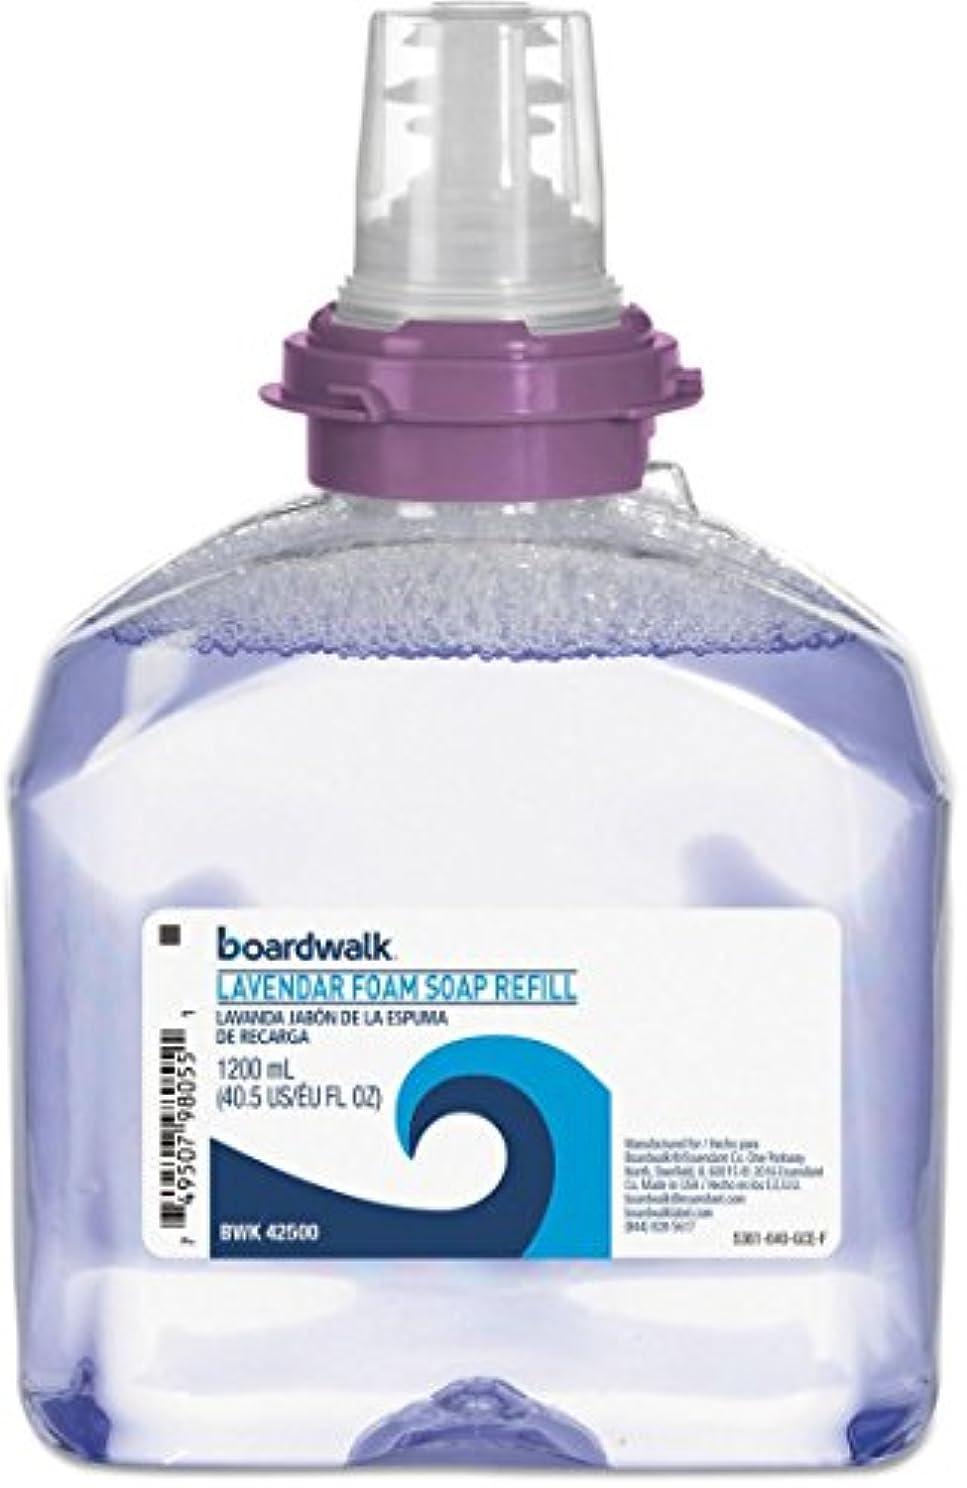 スプーンパントリー密ラベンダーFoam Soap、クランベリー香り、1200 mlリフィル、